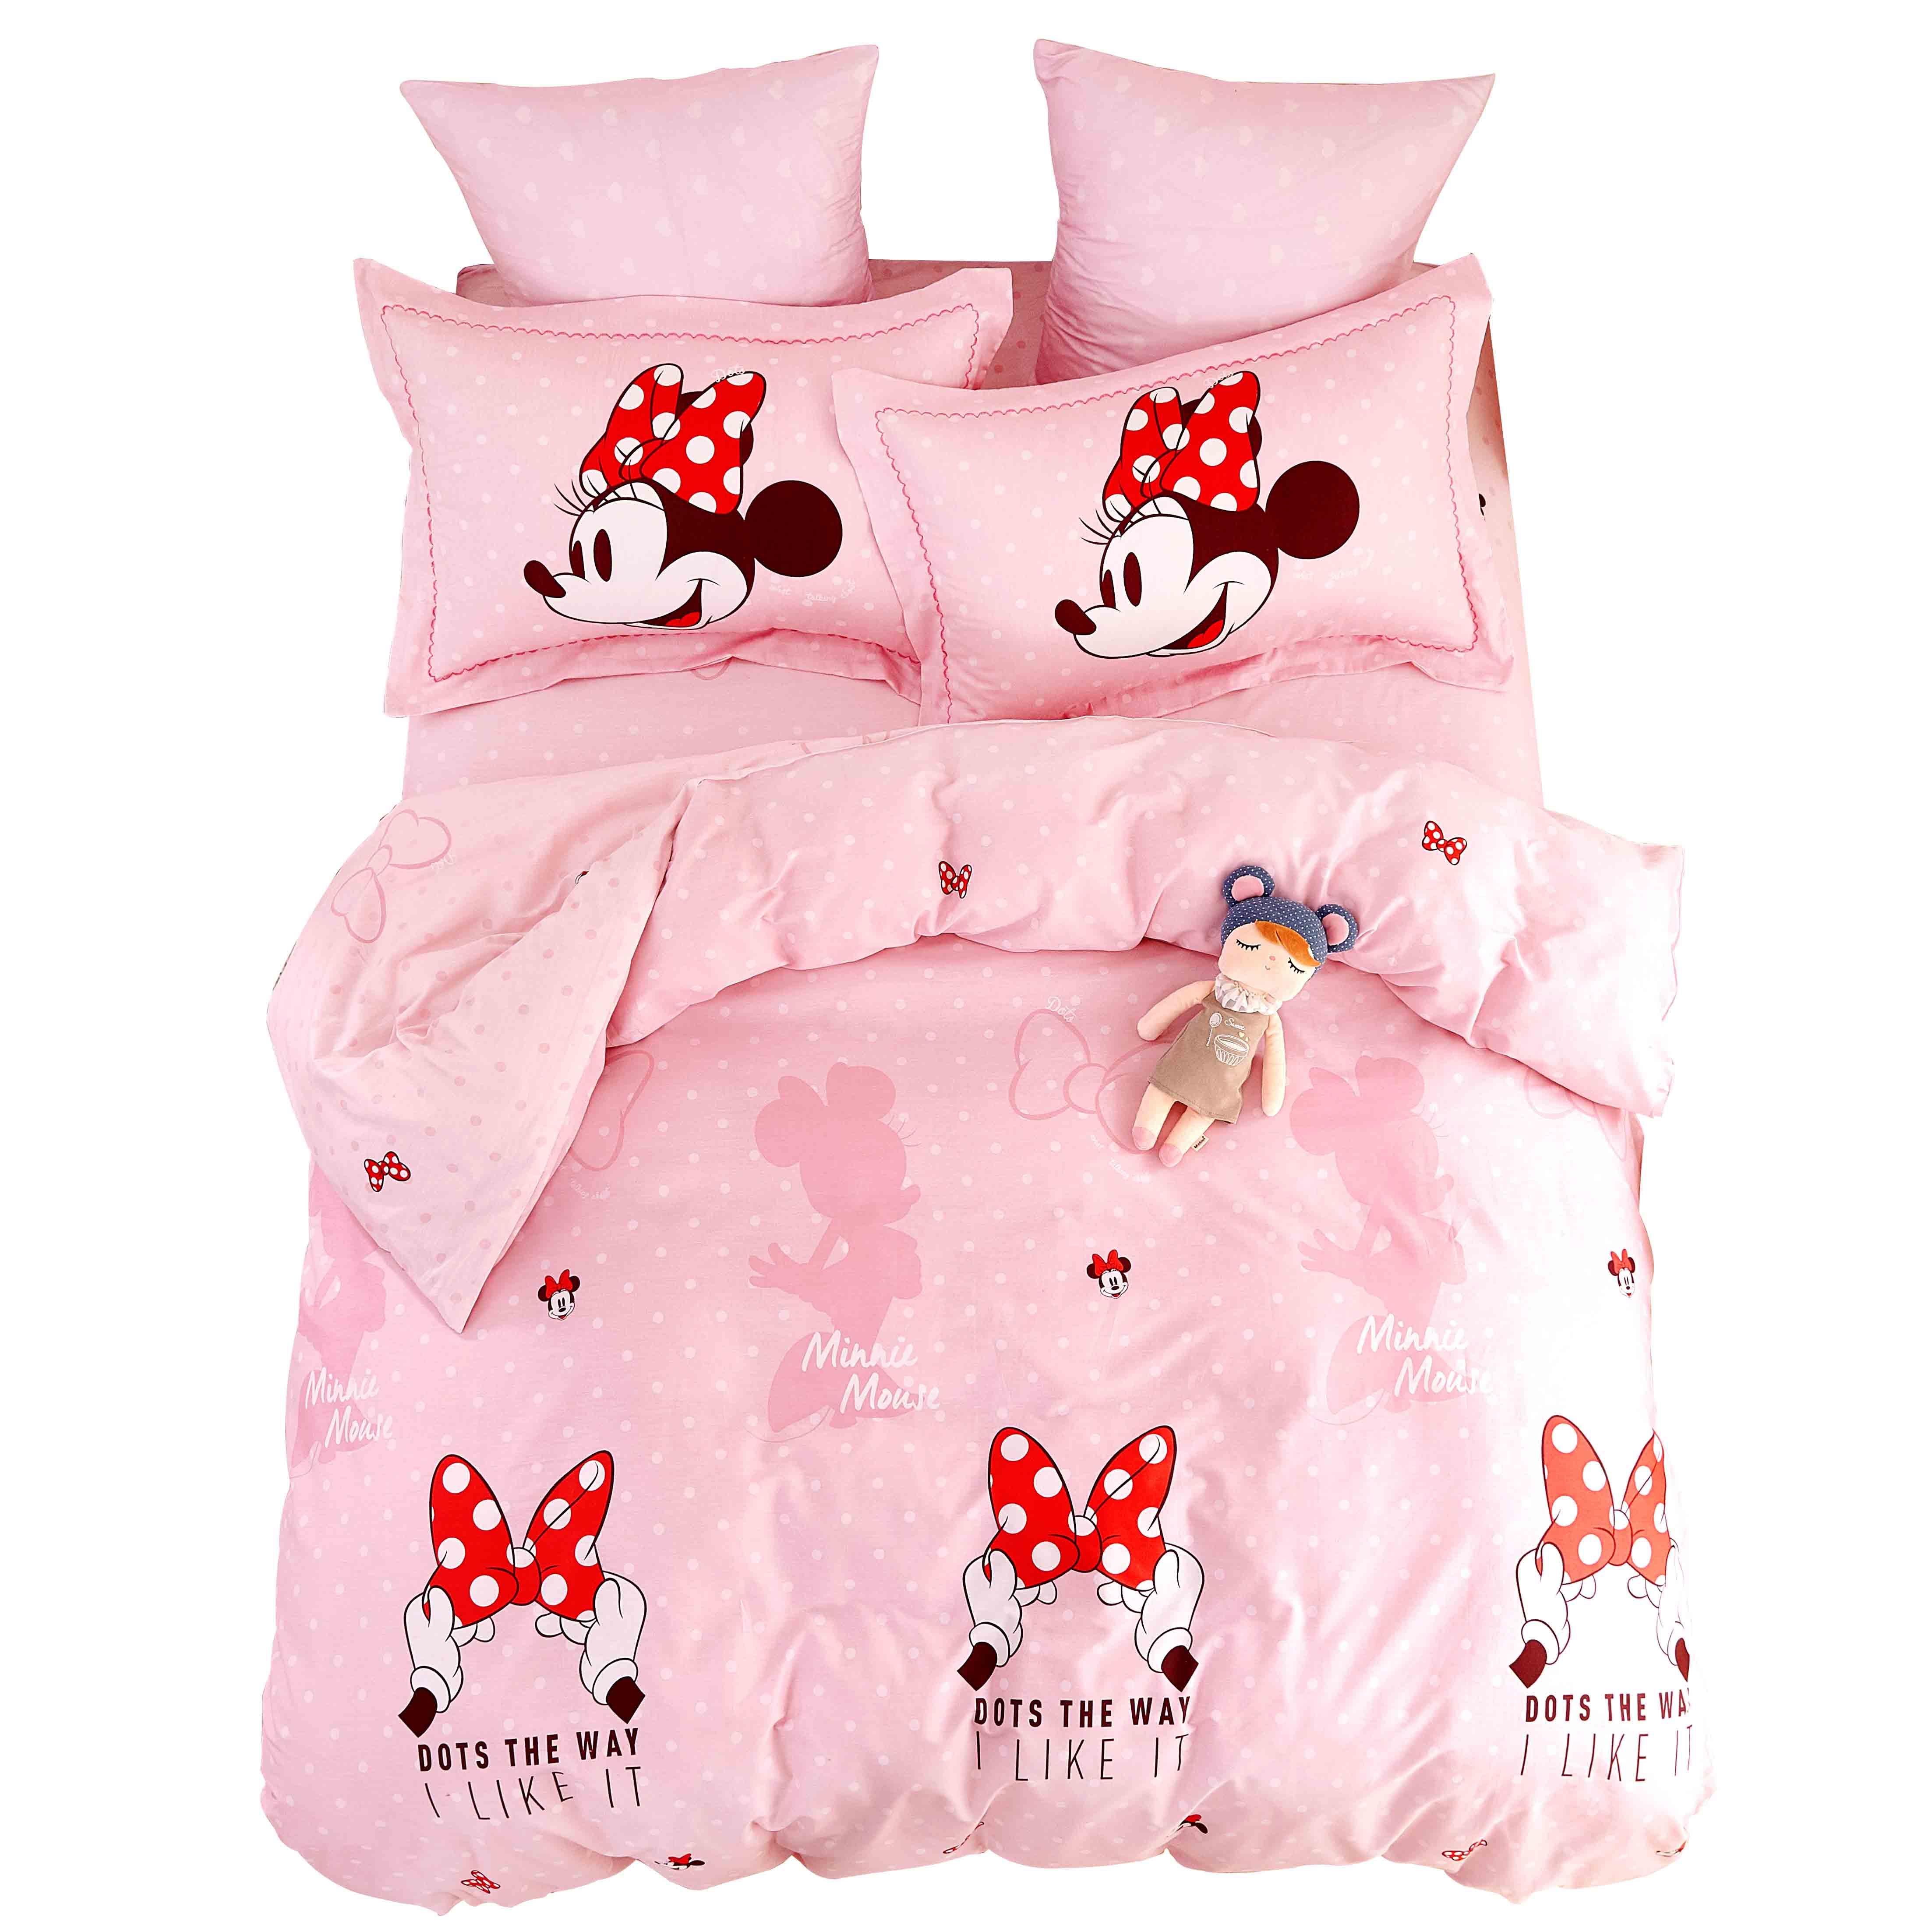 新疆棉儿童床上用品三件套纯棉床单好用吗